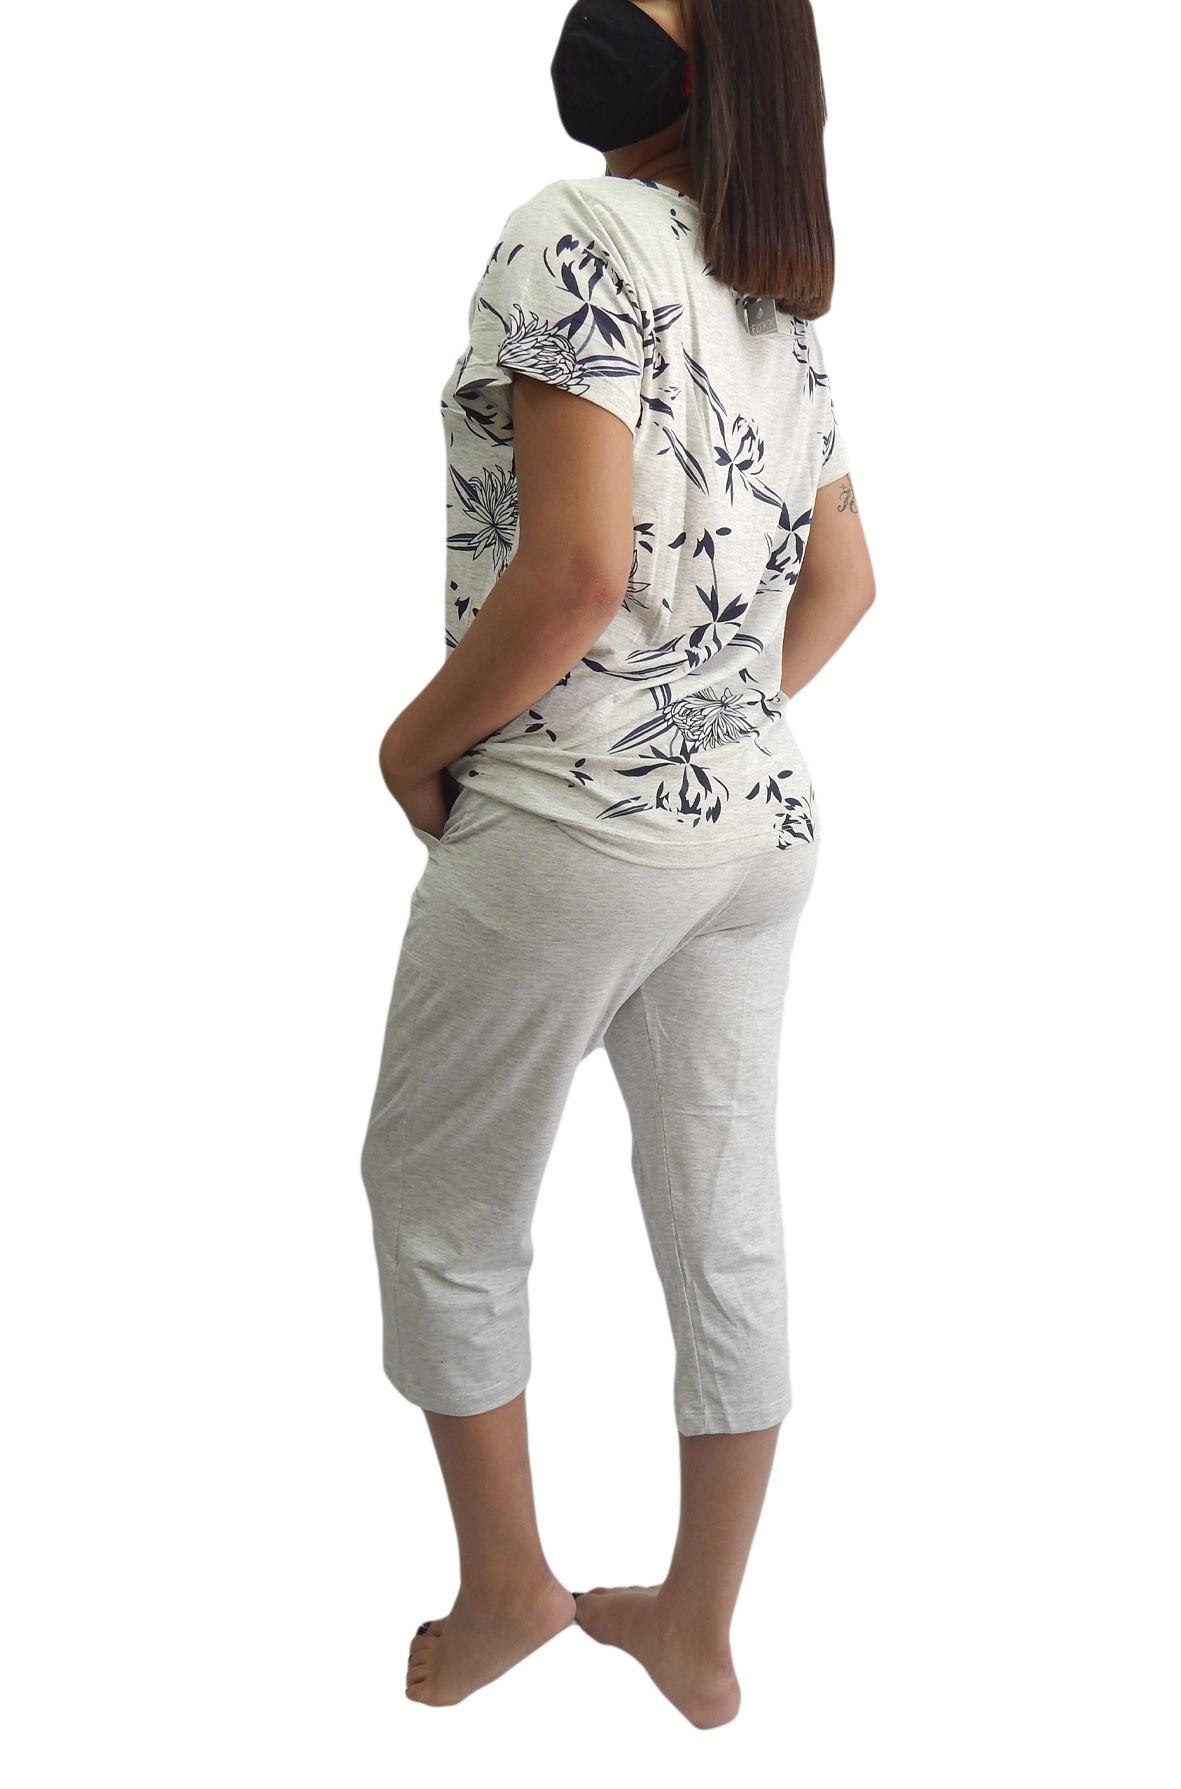 Pijama Capri Pescador em Viscolycra  com Estampa Diferenciada e Discreta - Foxx